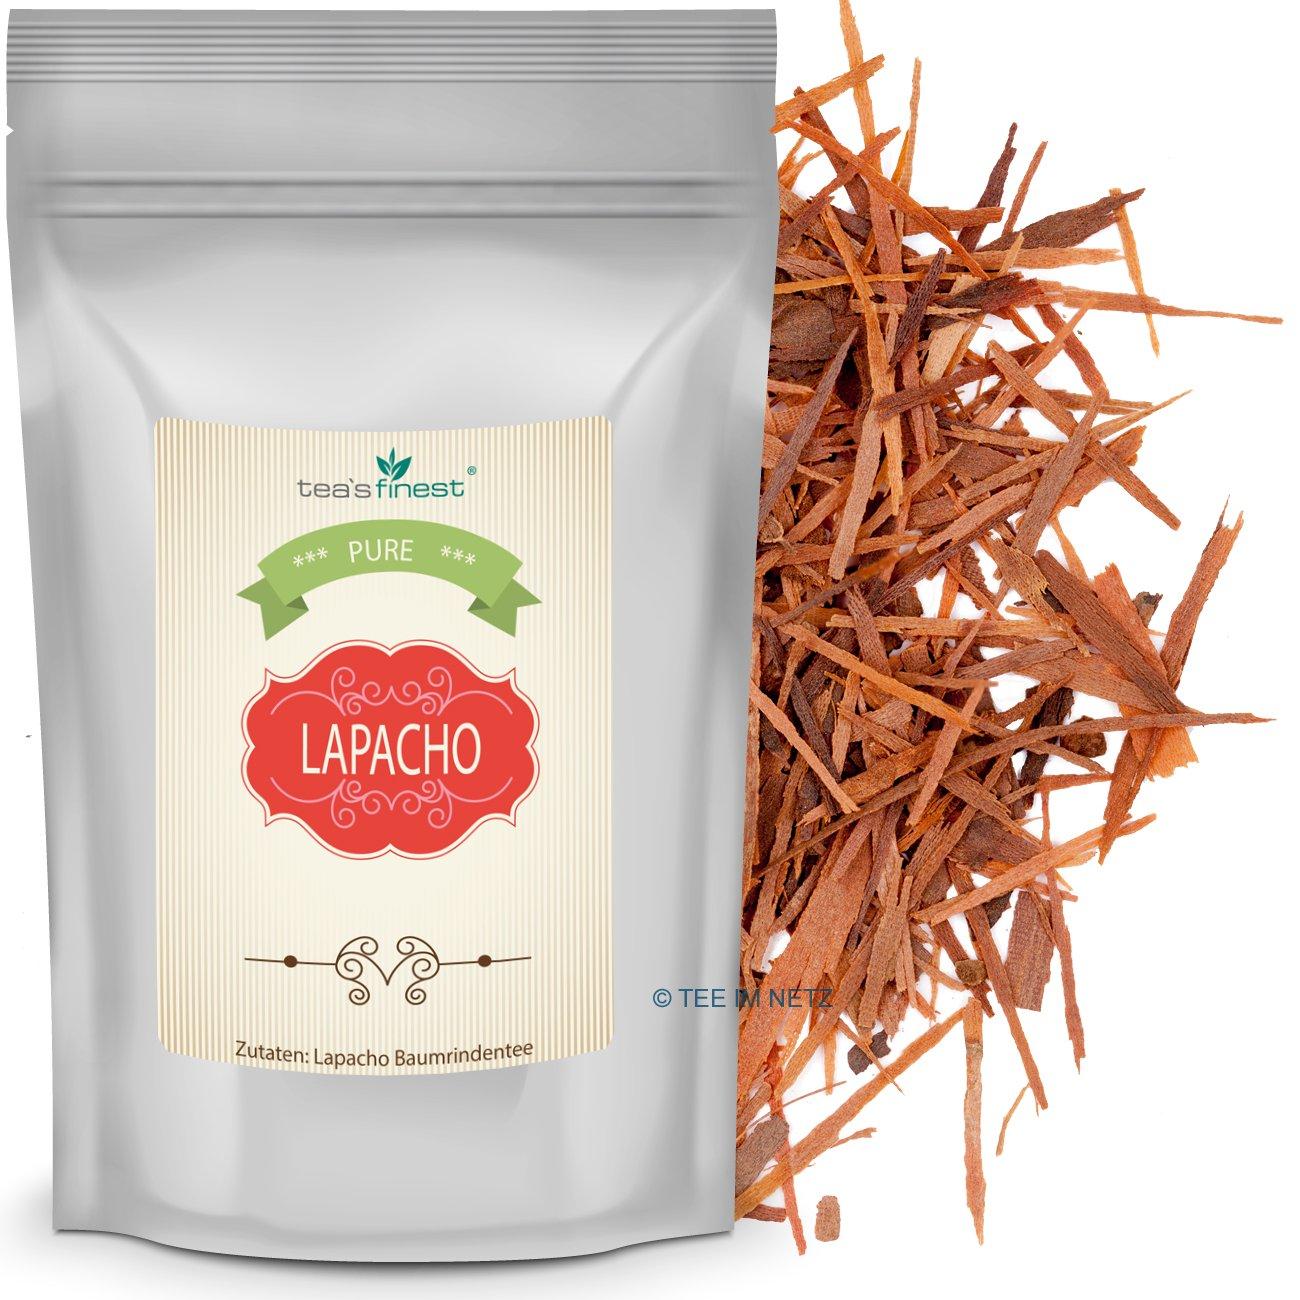 Vorschaubild: Lapacho Baumrindentee, 100% innere rote Rinde aus nachhaltigem Anbau (500 Gramm)